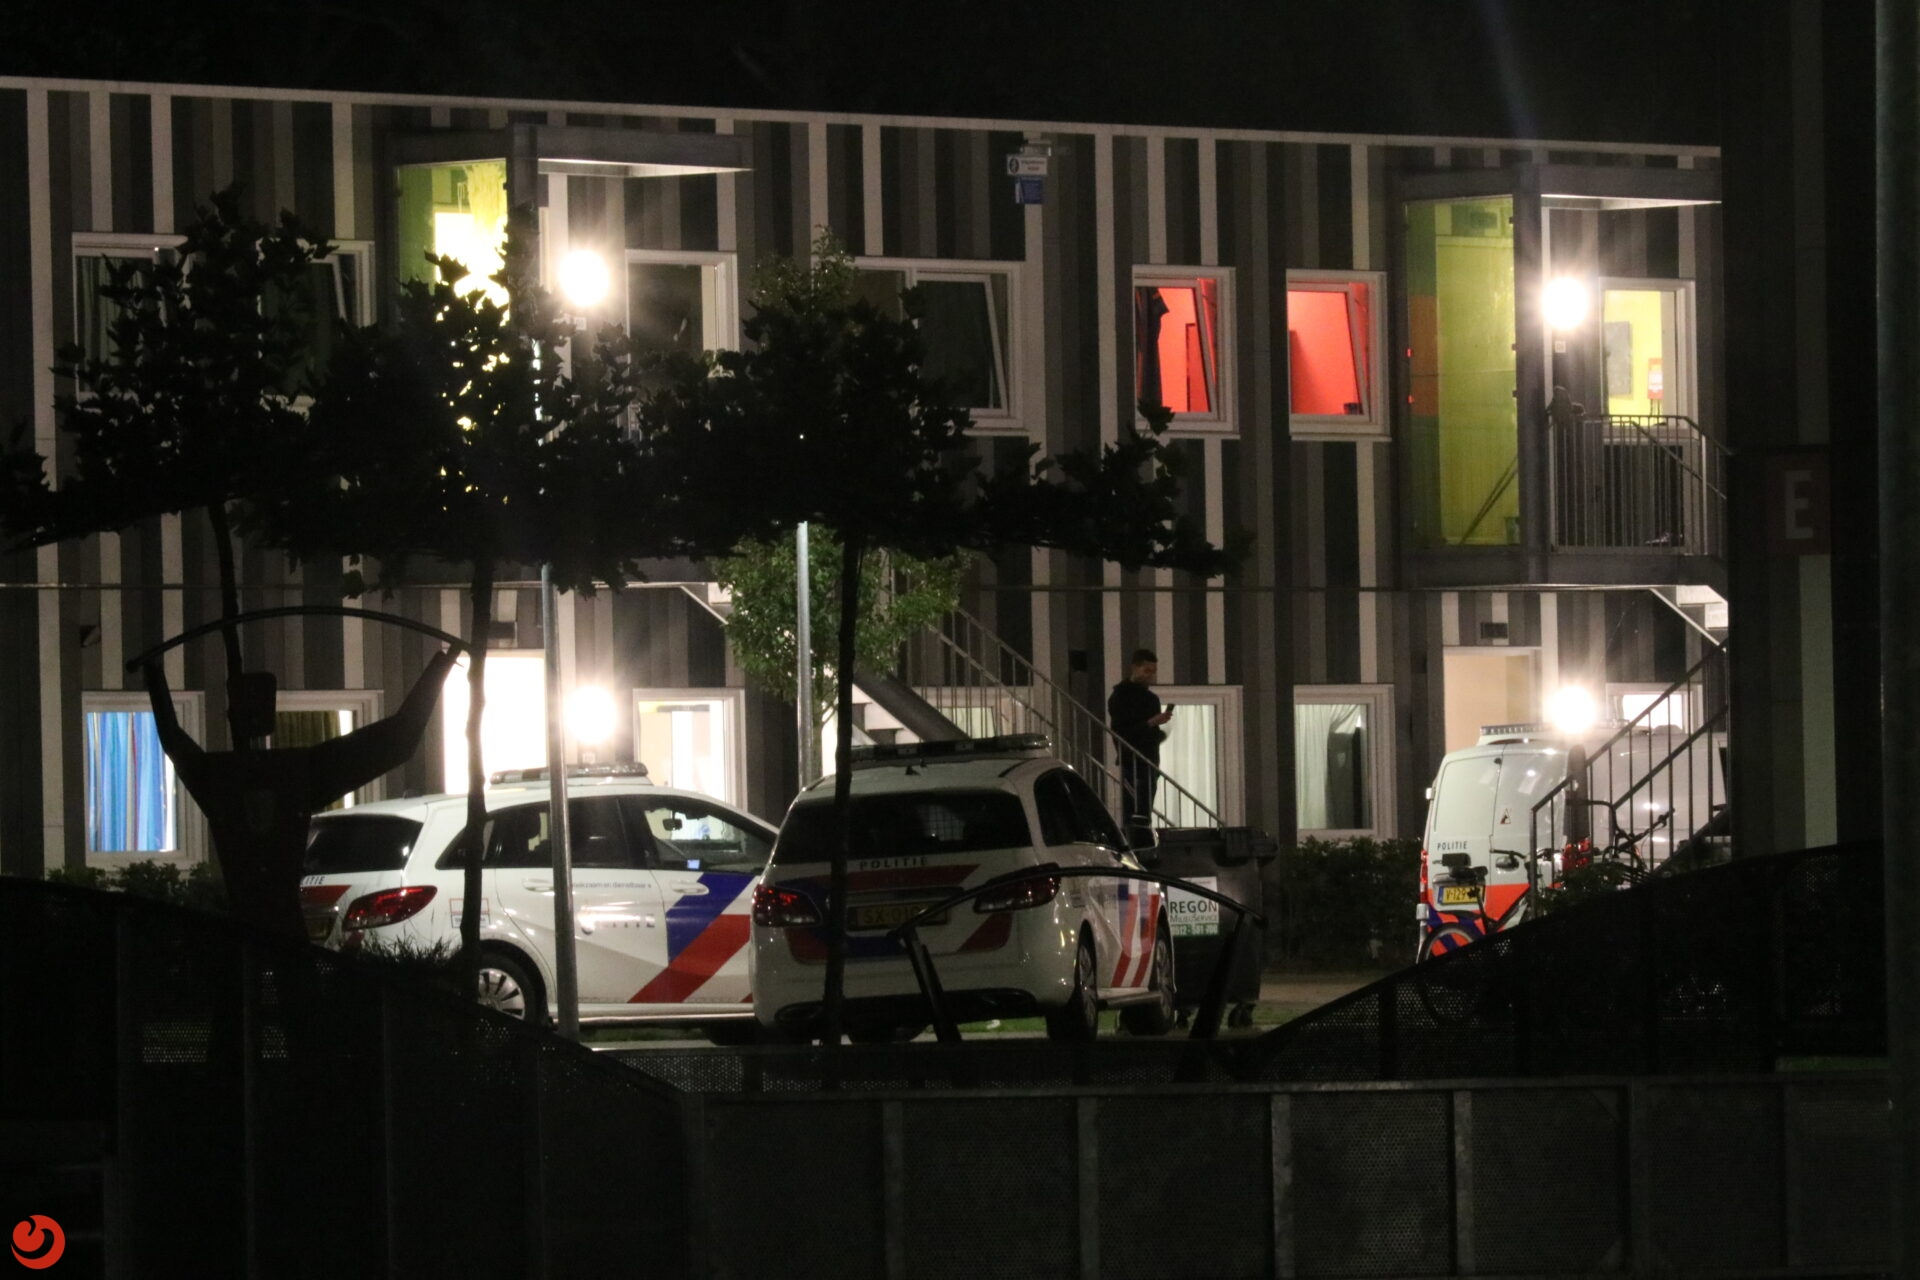 35-jarige aangehouden na steekincident bij AZC Drachten